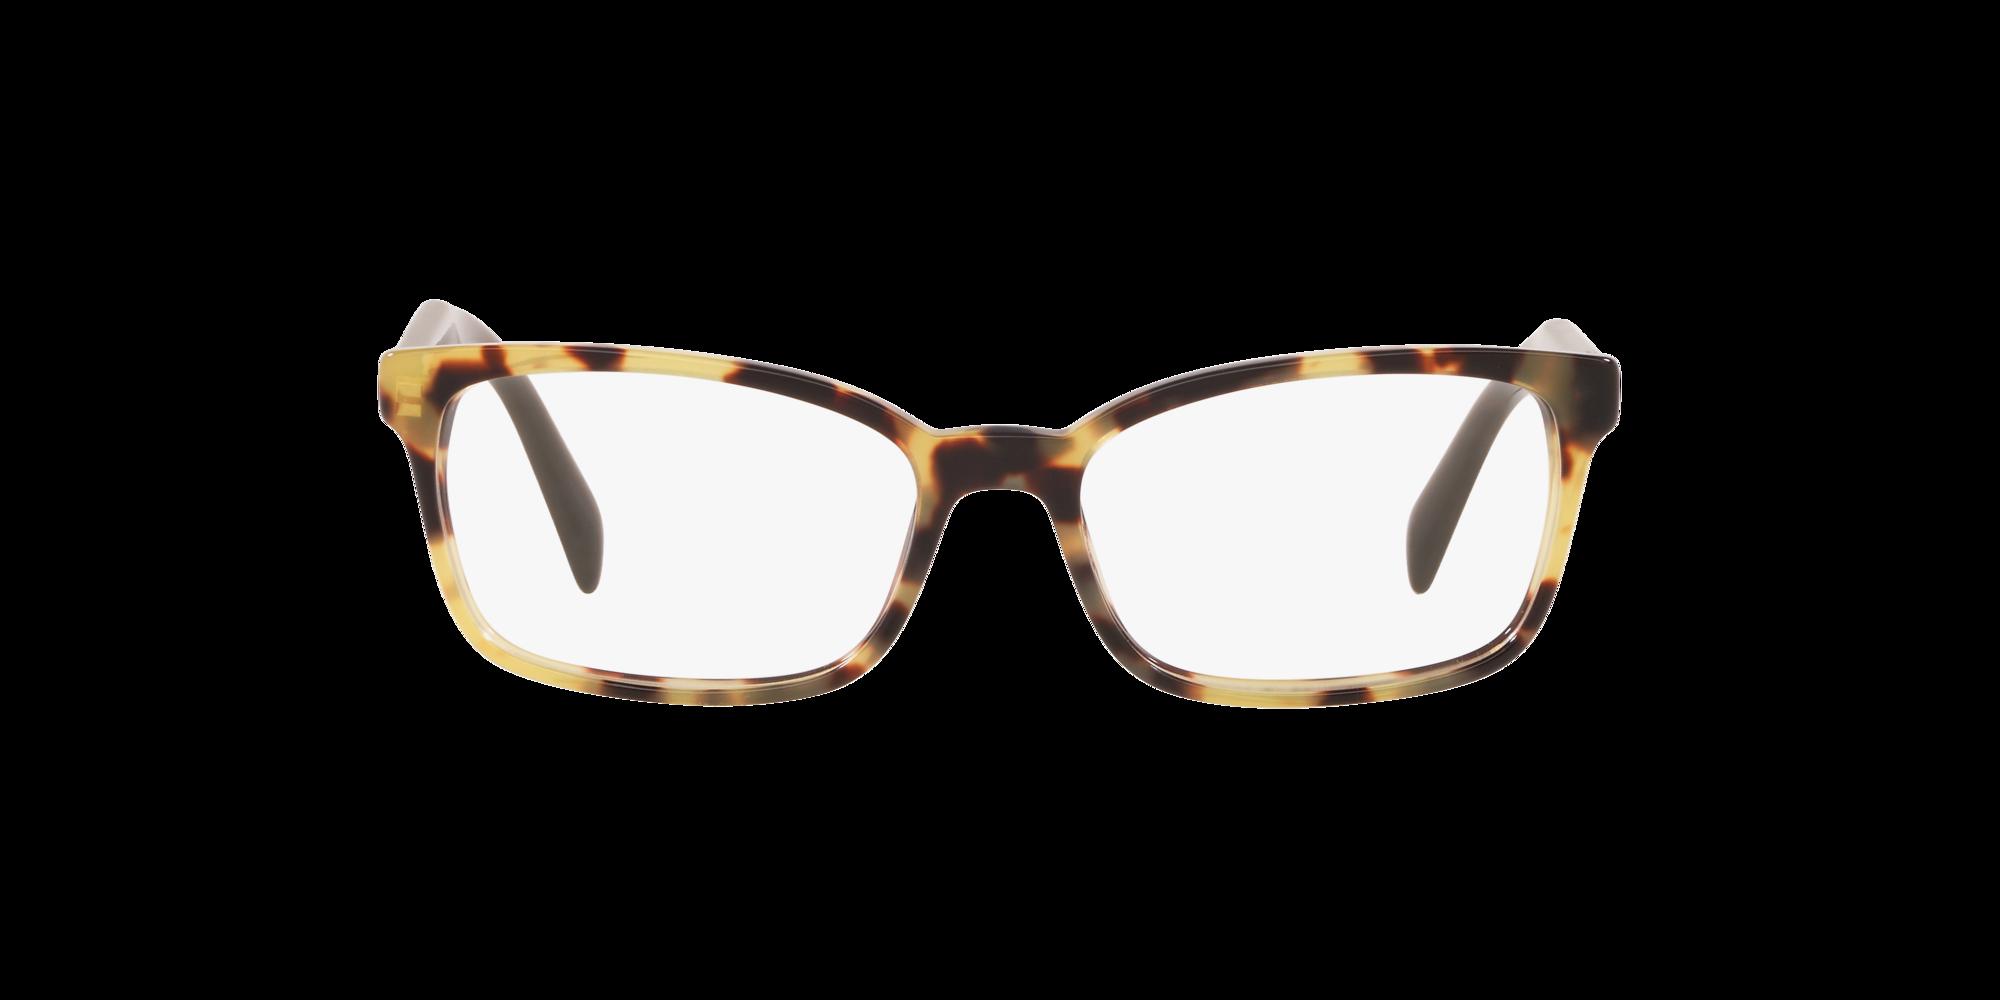 Imagen para PR 18TV HERITAGE de LensCrafters |  Espejuelos, espejuelos graduados en línea, gafas